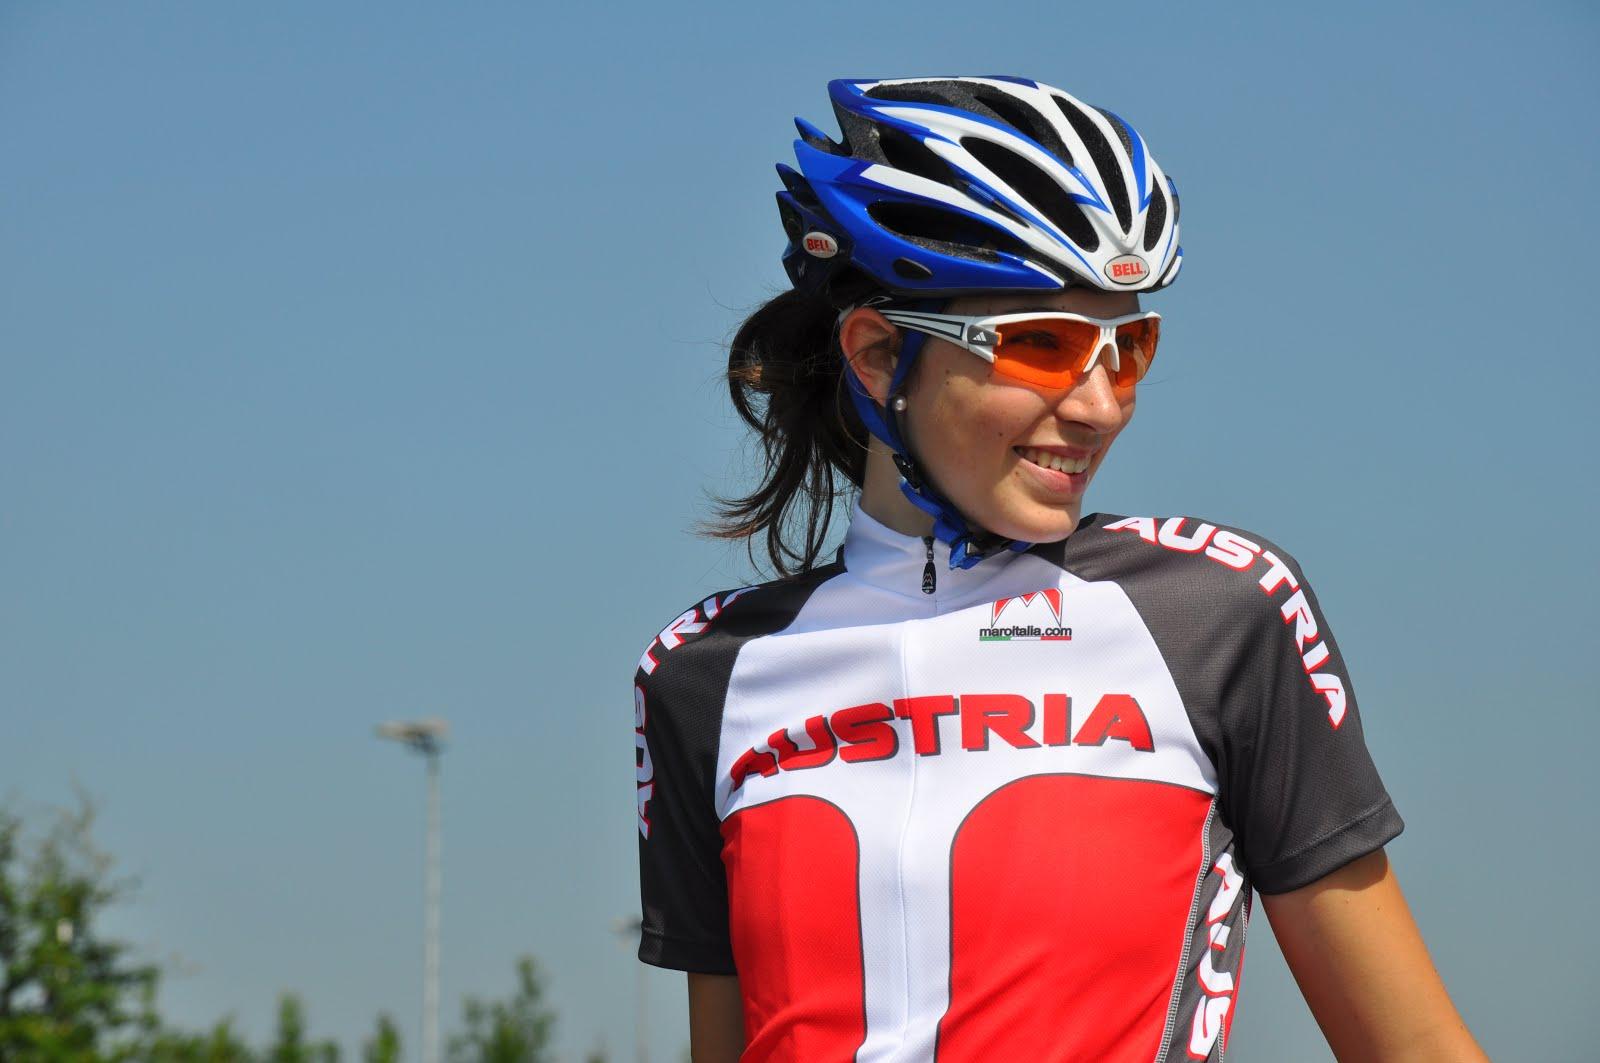 Melanie Amann